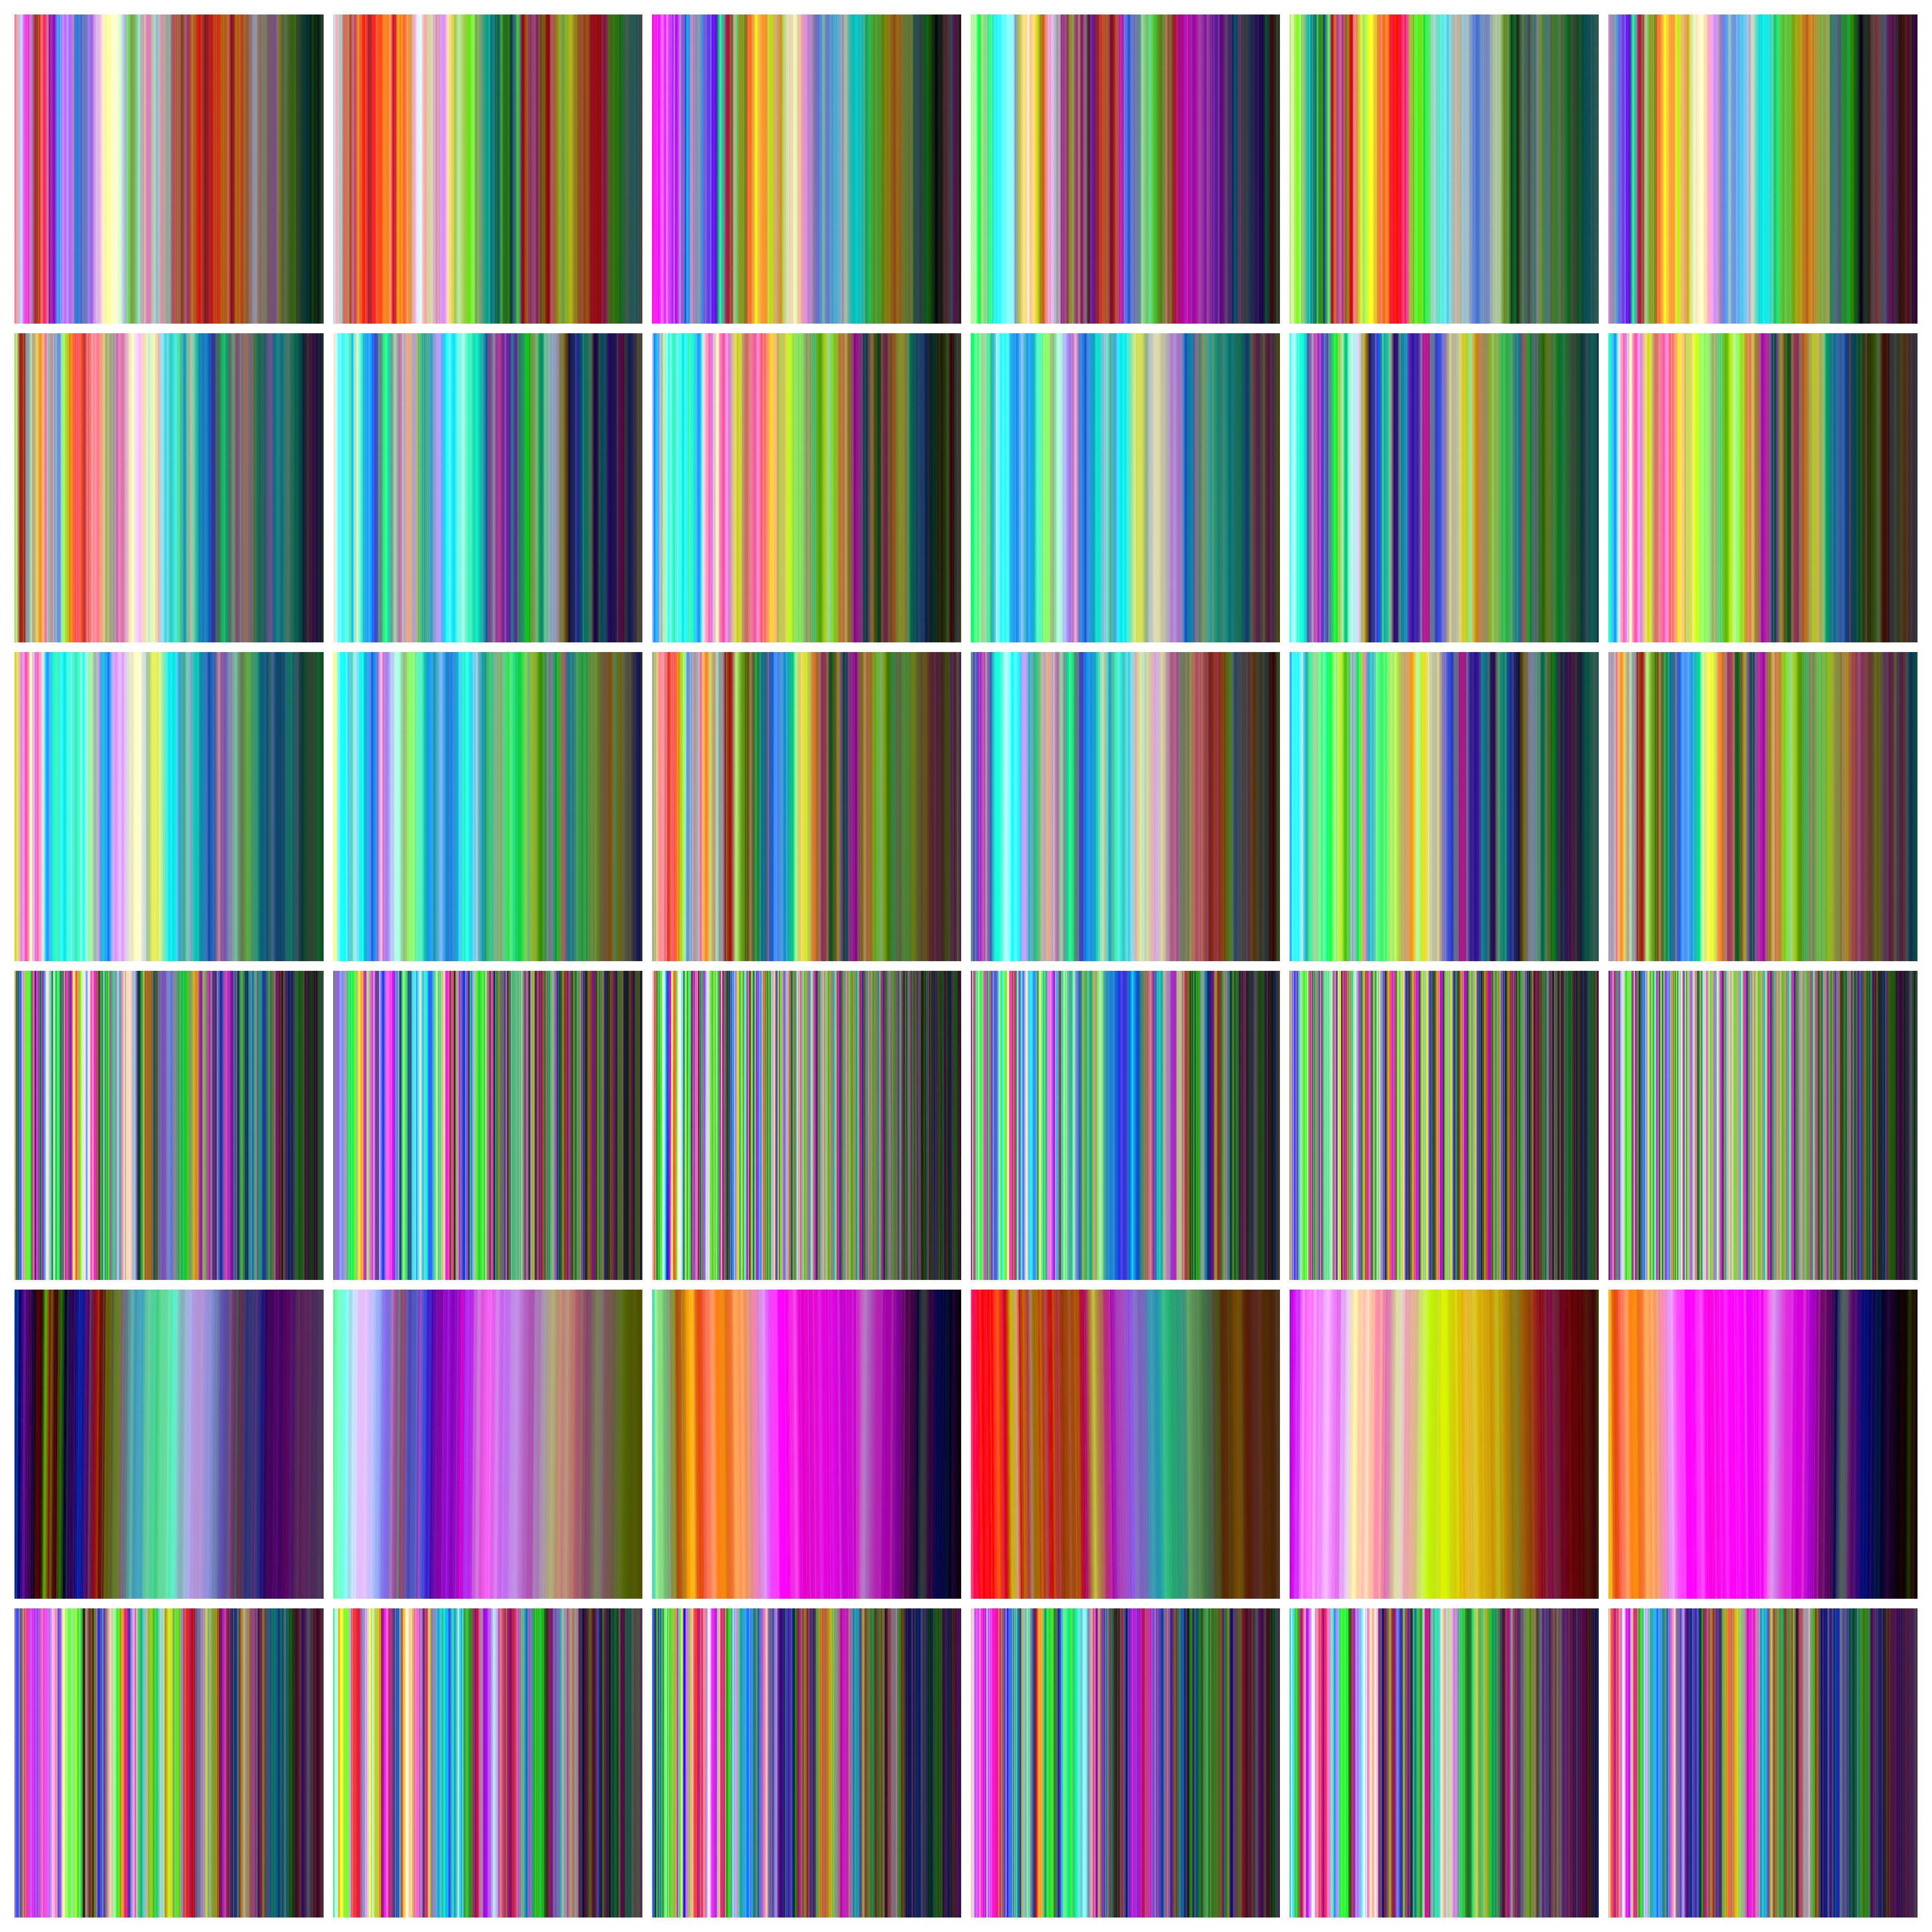 Plasma Gradient Gradation XCF3 by taketo-take-to-stock